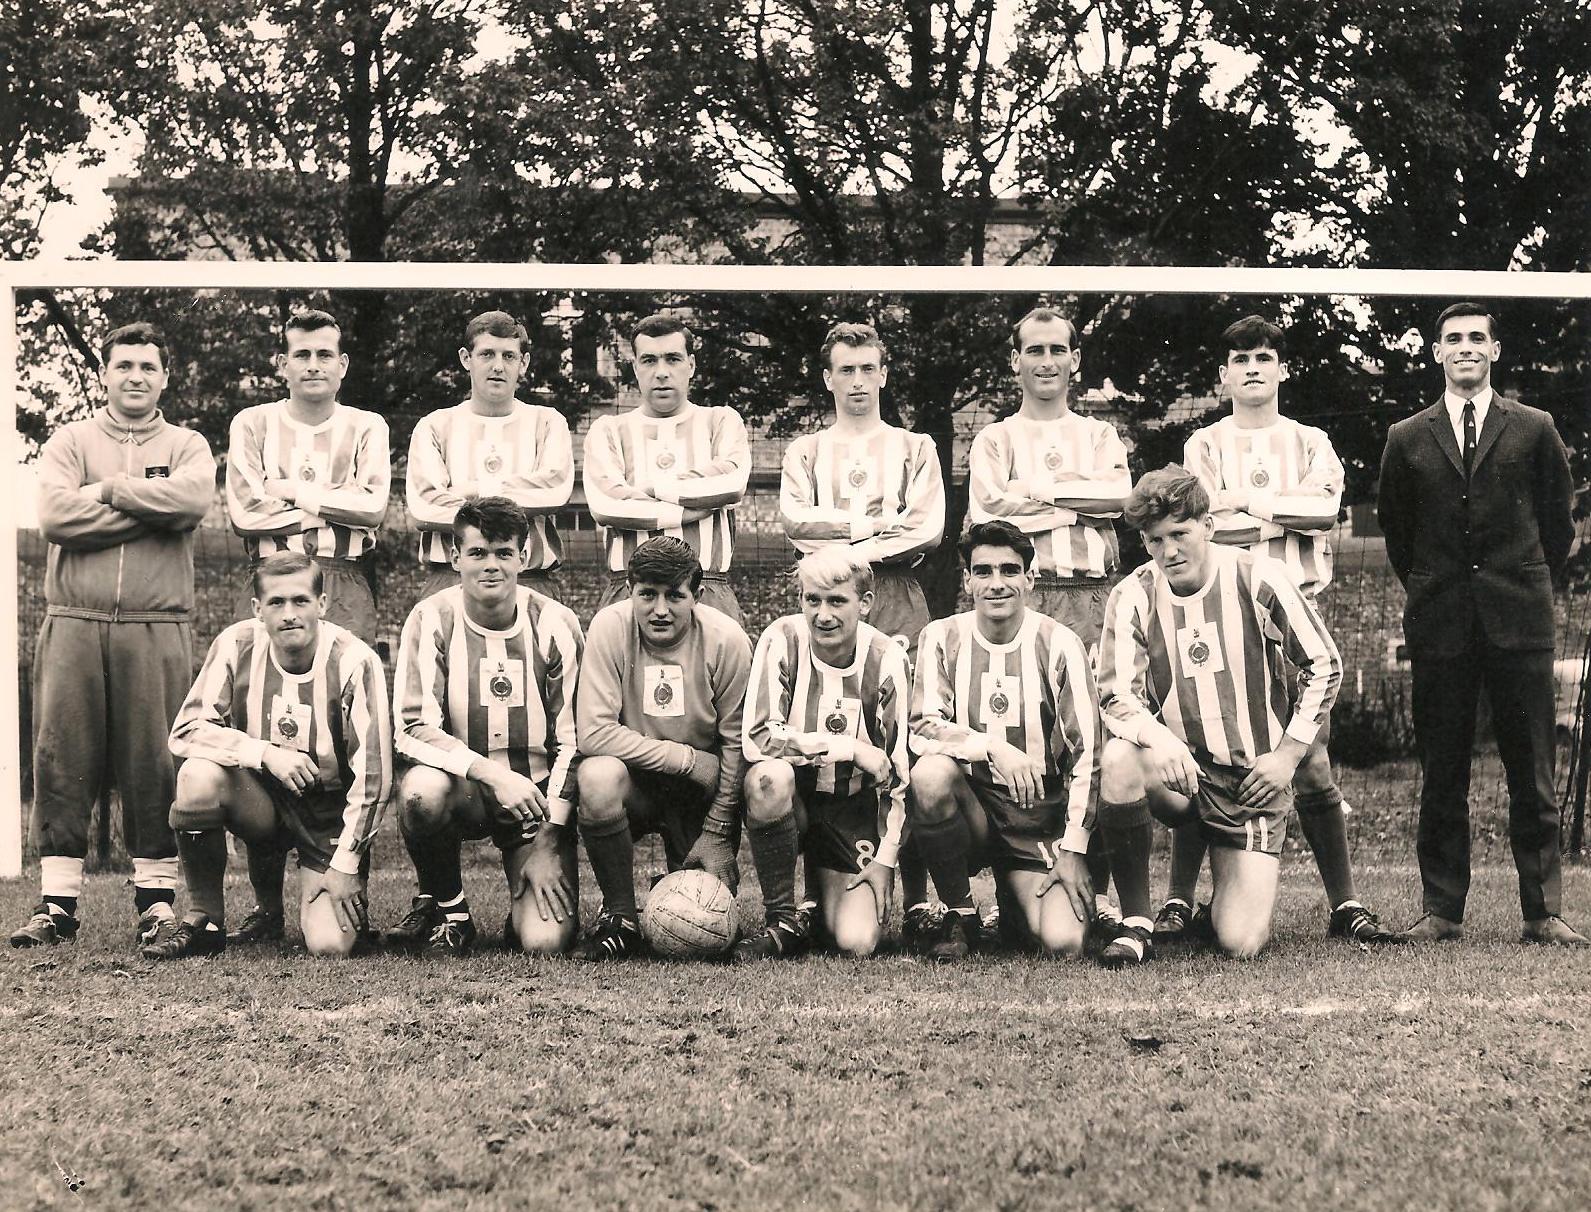 1968-69 Royal Marines Football Team